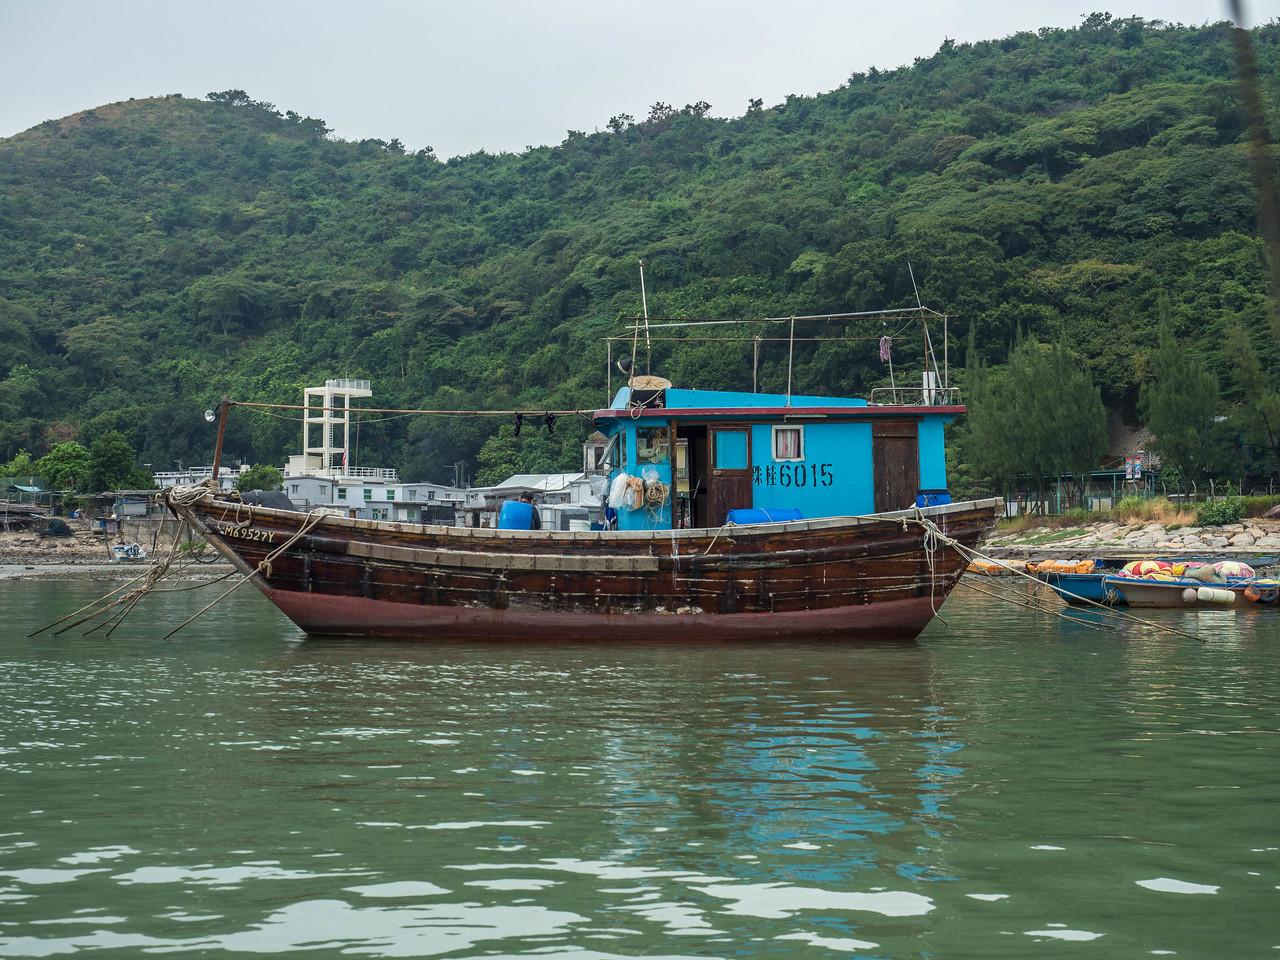 Hong Kong unk Boat